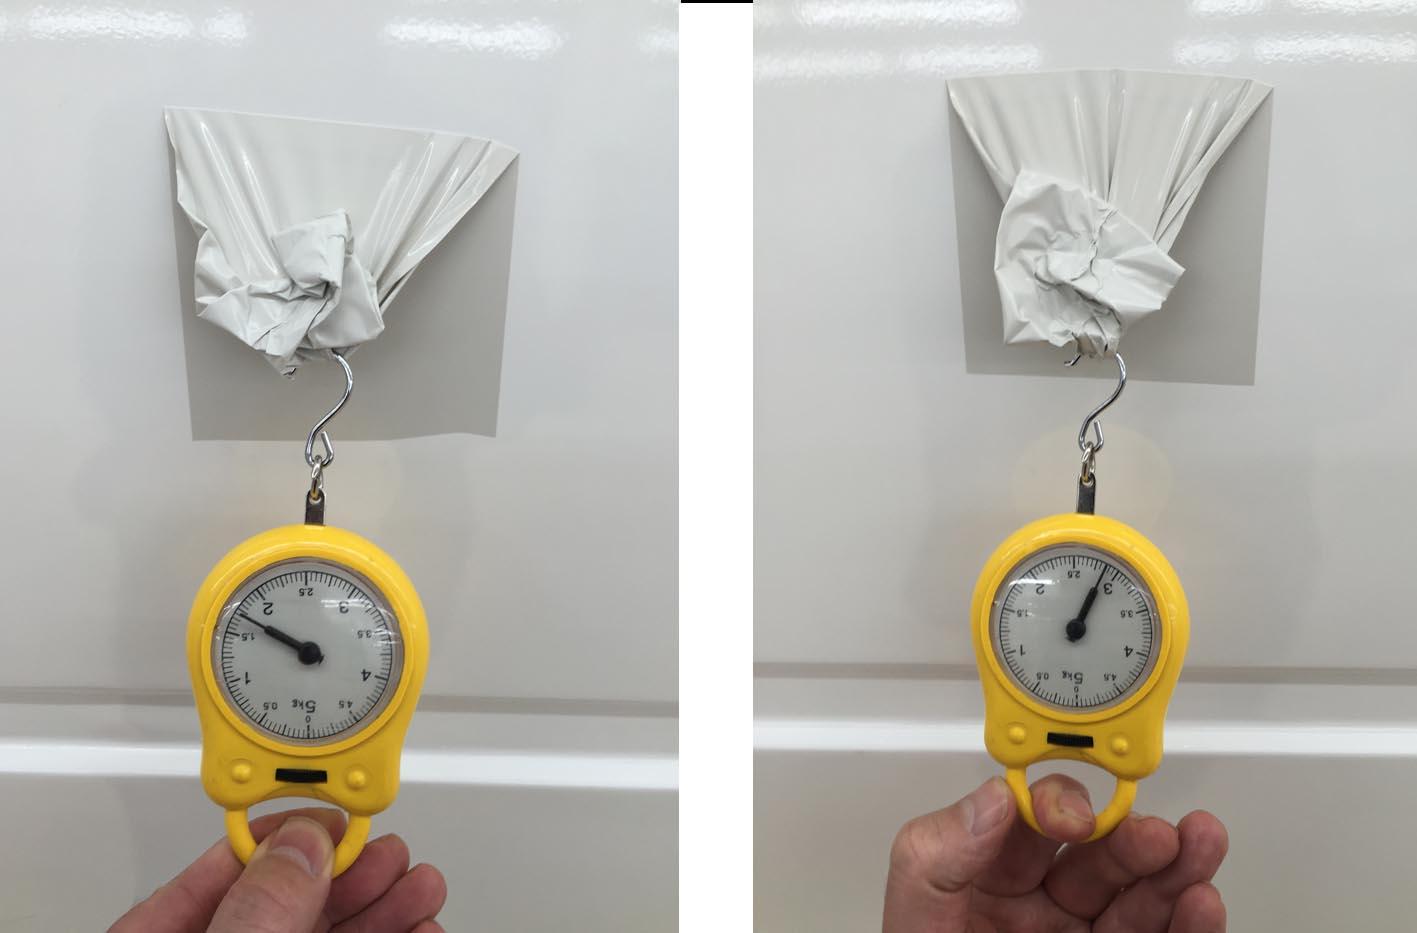 Het verschil tussen slecht ontvet (links) en goed ontvet (rechts) is meetbaar.